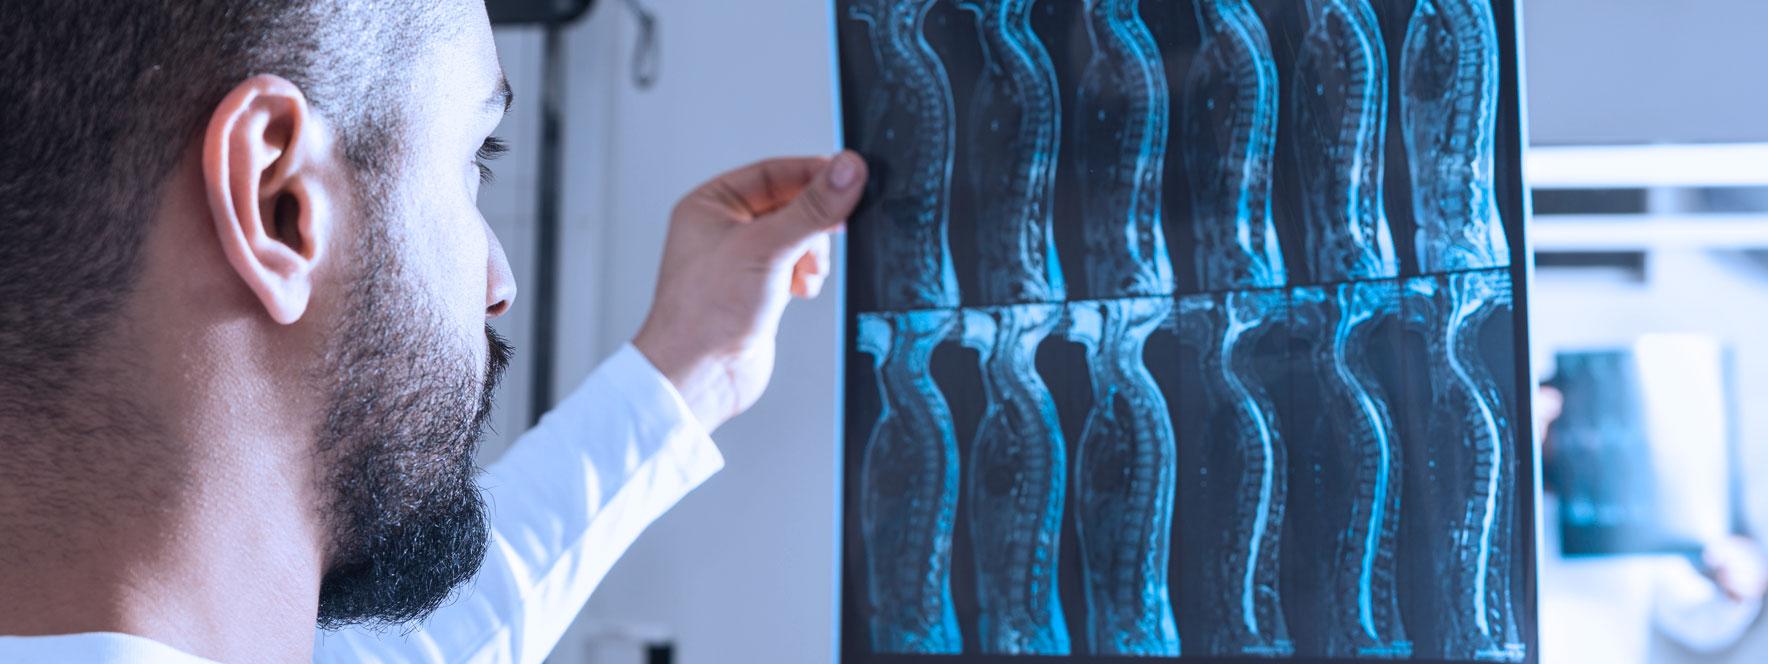 La radiographie et l'IRM ne sont pas souvent très informatives | Réseau des massothérapeutes